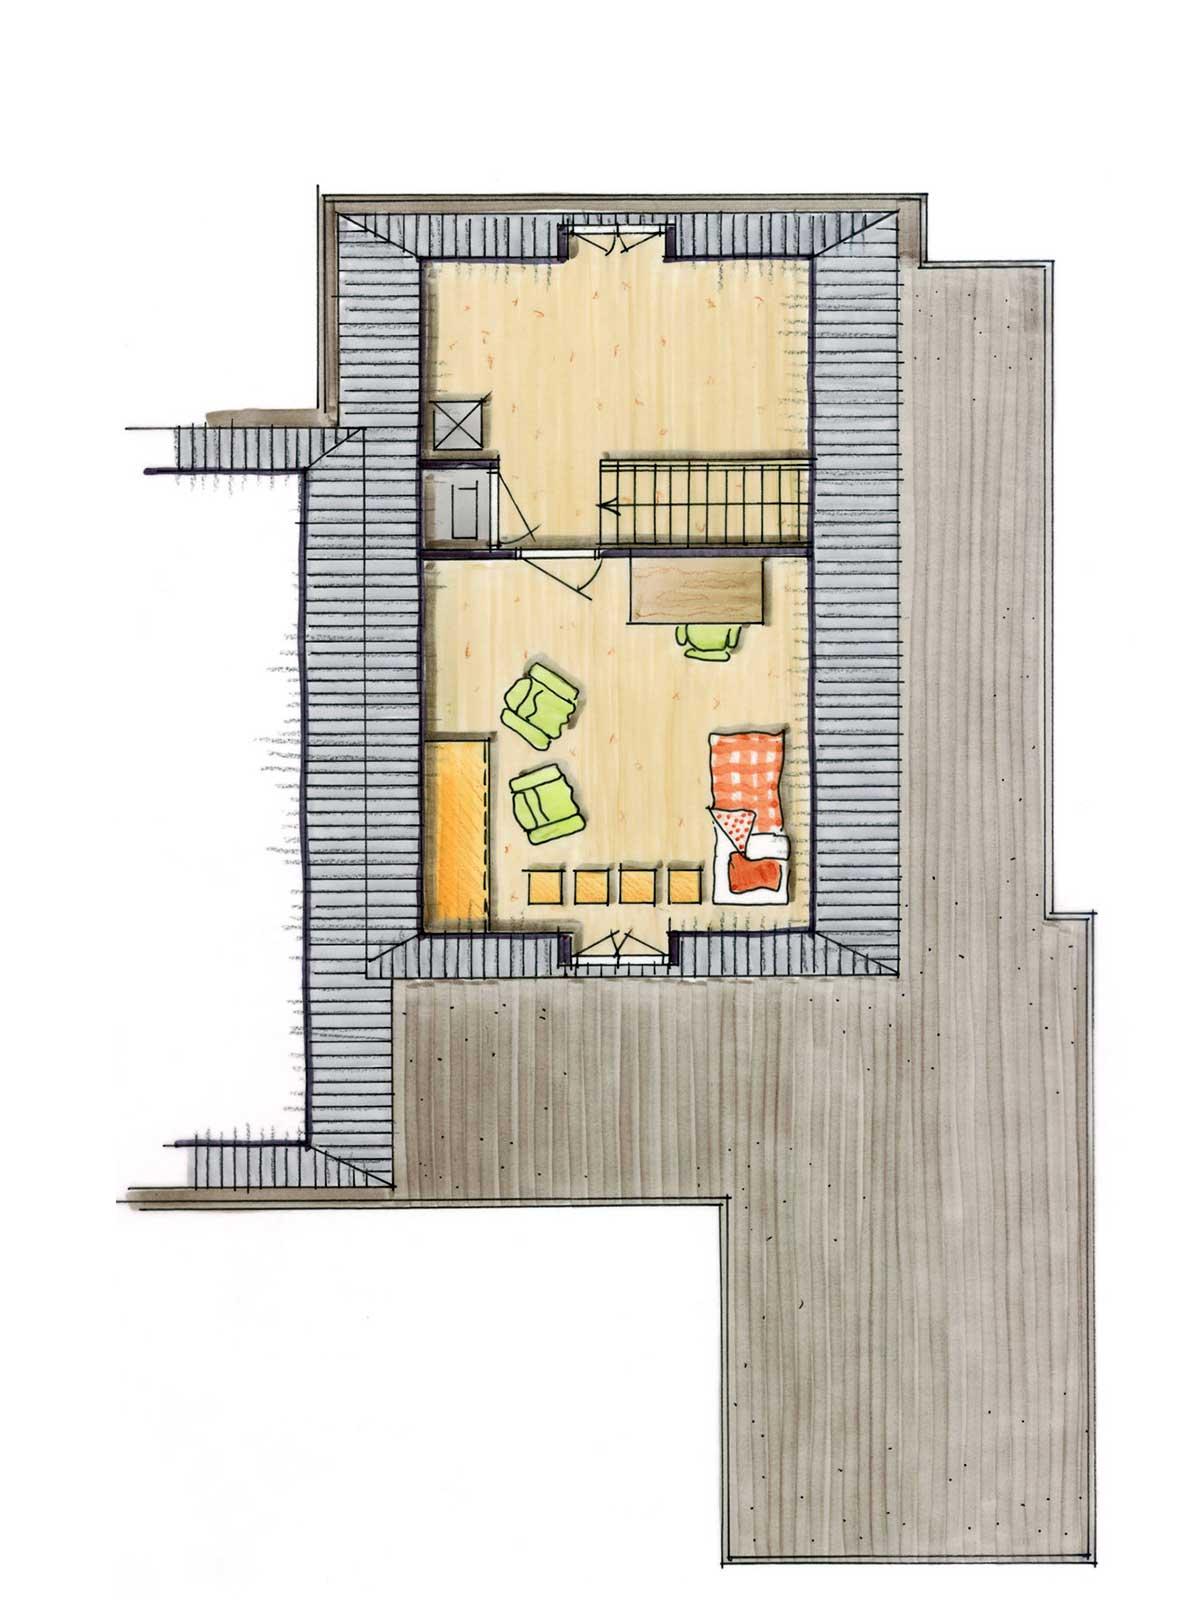 schetsontwerp eerste verdieping - patiowoningen Moerdijkhof Moerkapelle